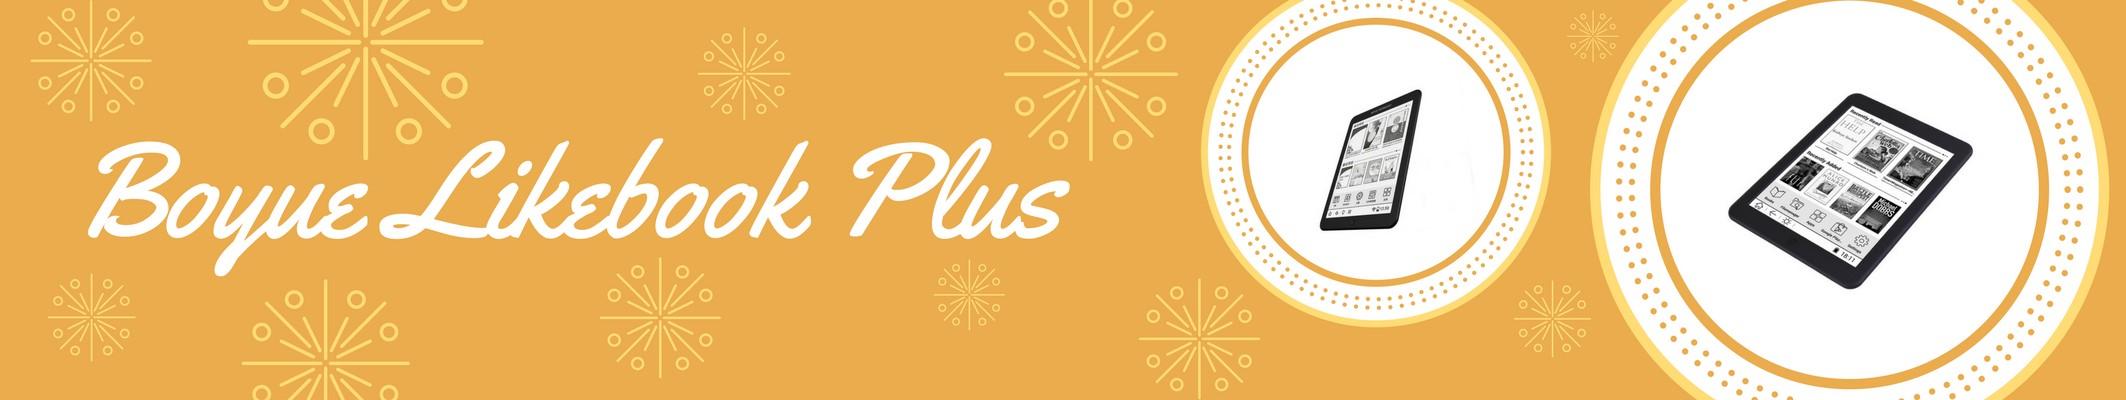 Boyue Likebook Plus to , 7,8-calowy czytnik o rozdzielczości 300ppi,można go kupić na Alliexpres